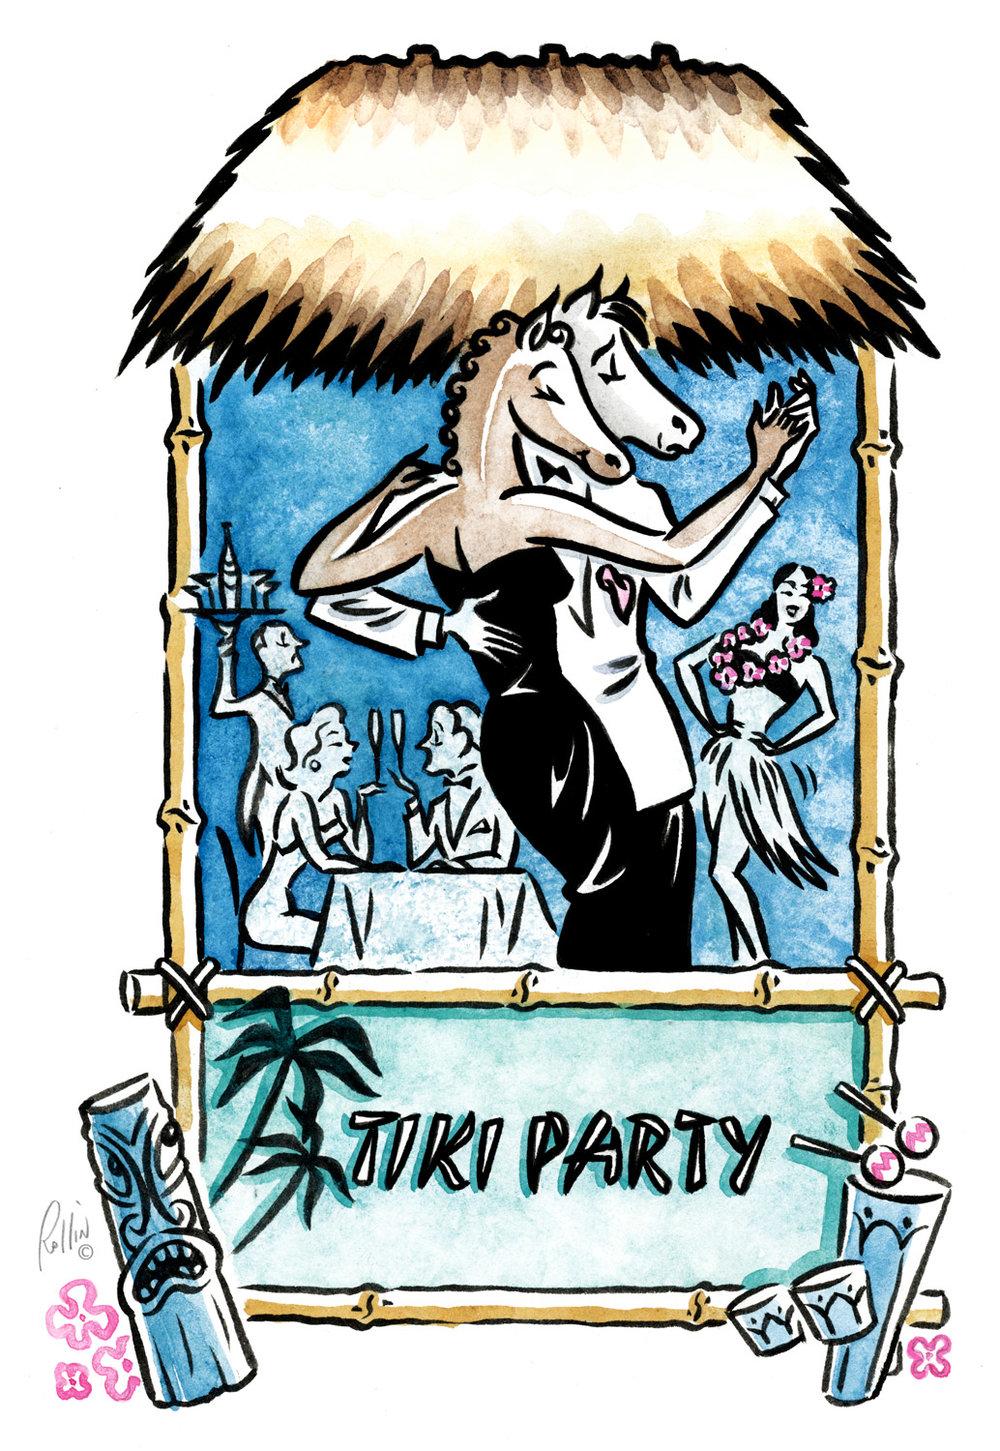 Tiki-Party-web-1500.jpg